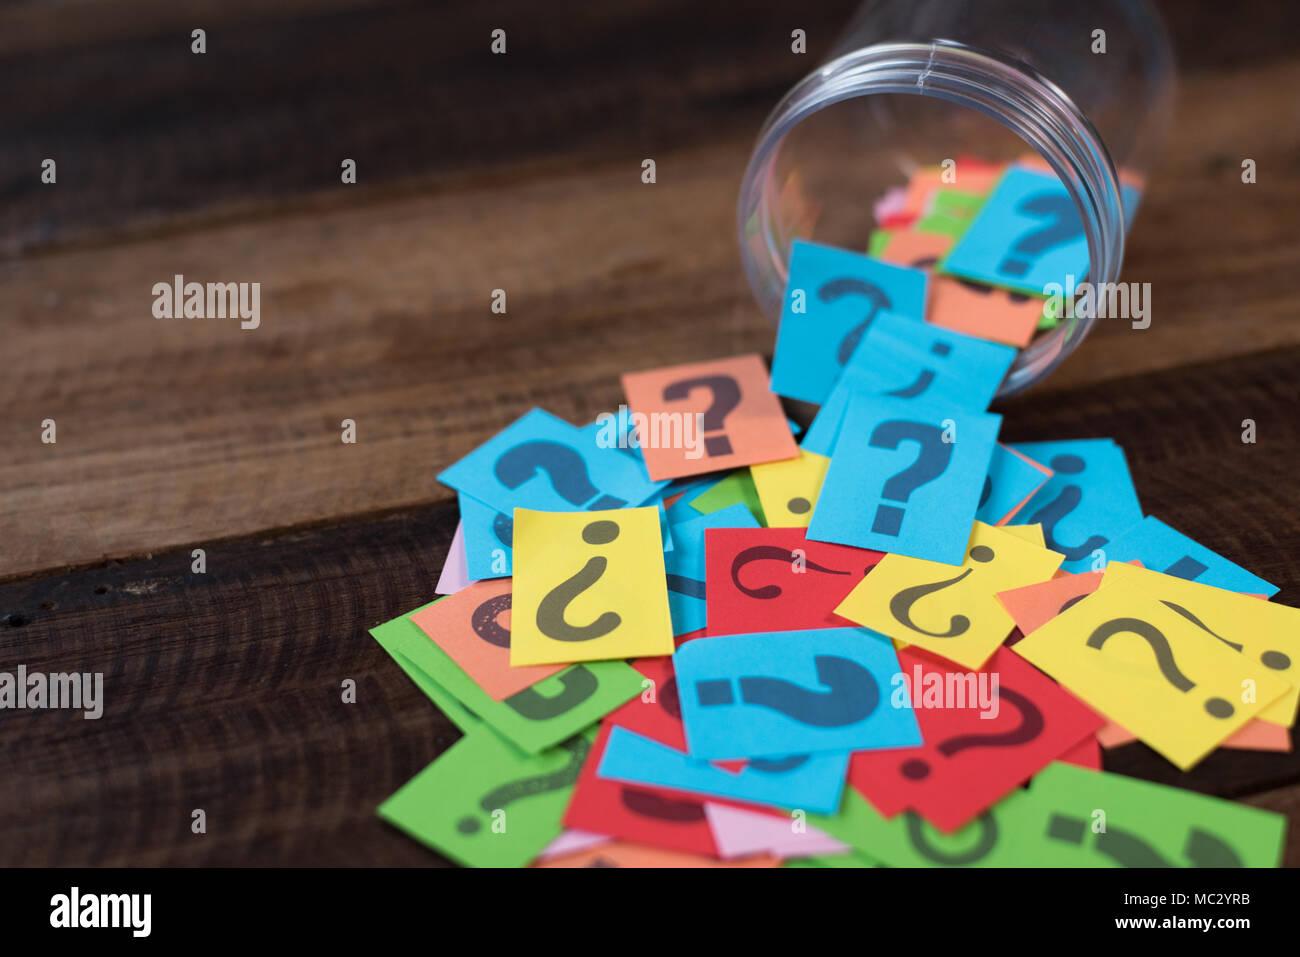 Bunte Papier mit Fragezeichen in einem Kunststoffbehälter auf hölzernen Tisch. Fragen und Diversity Konzept. FAQ und Q&A Hintergrund Konzept Stockfoto